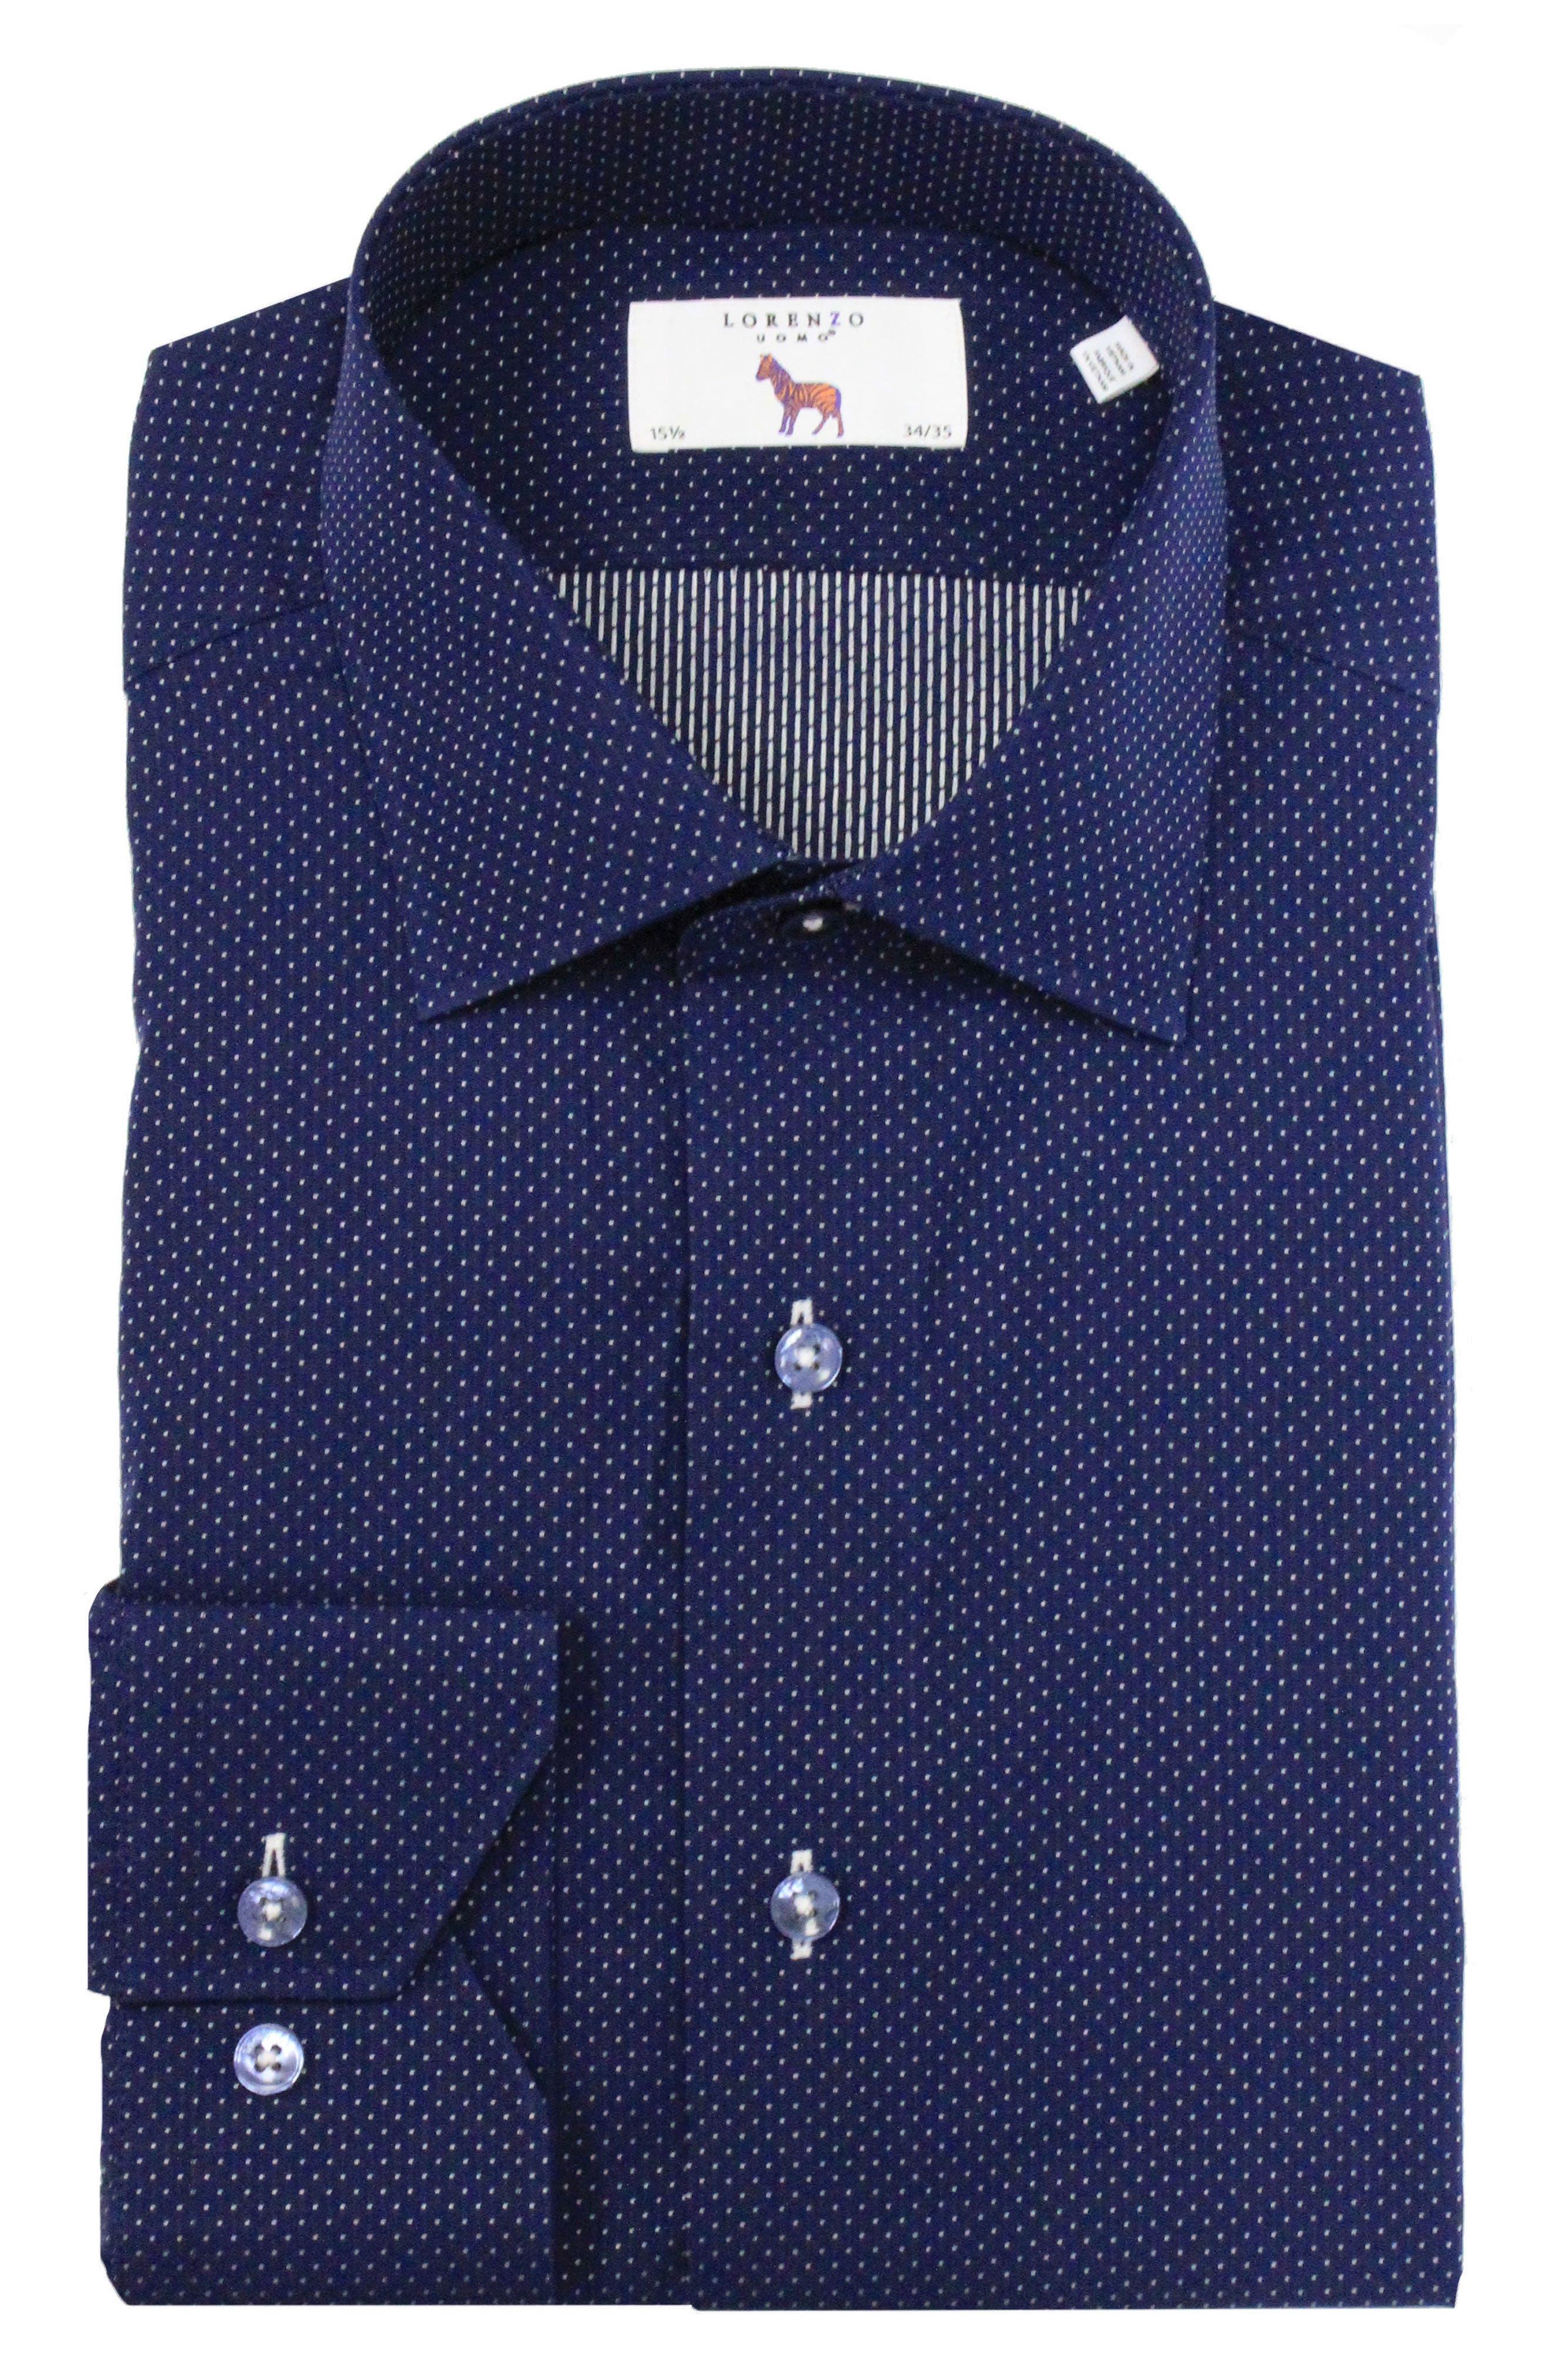 Trim Fit Dot Dress Shirt,                         Main,                         color, 410